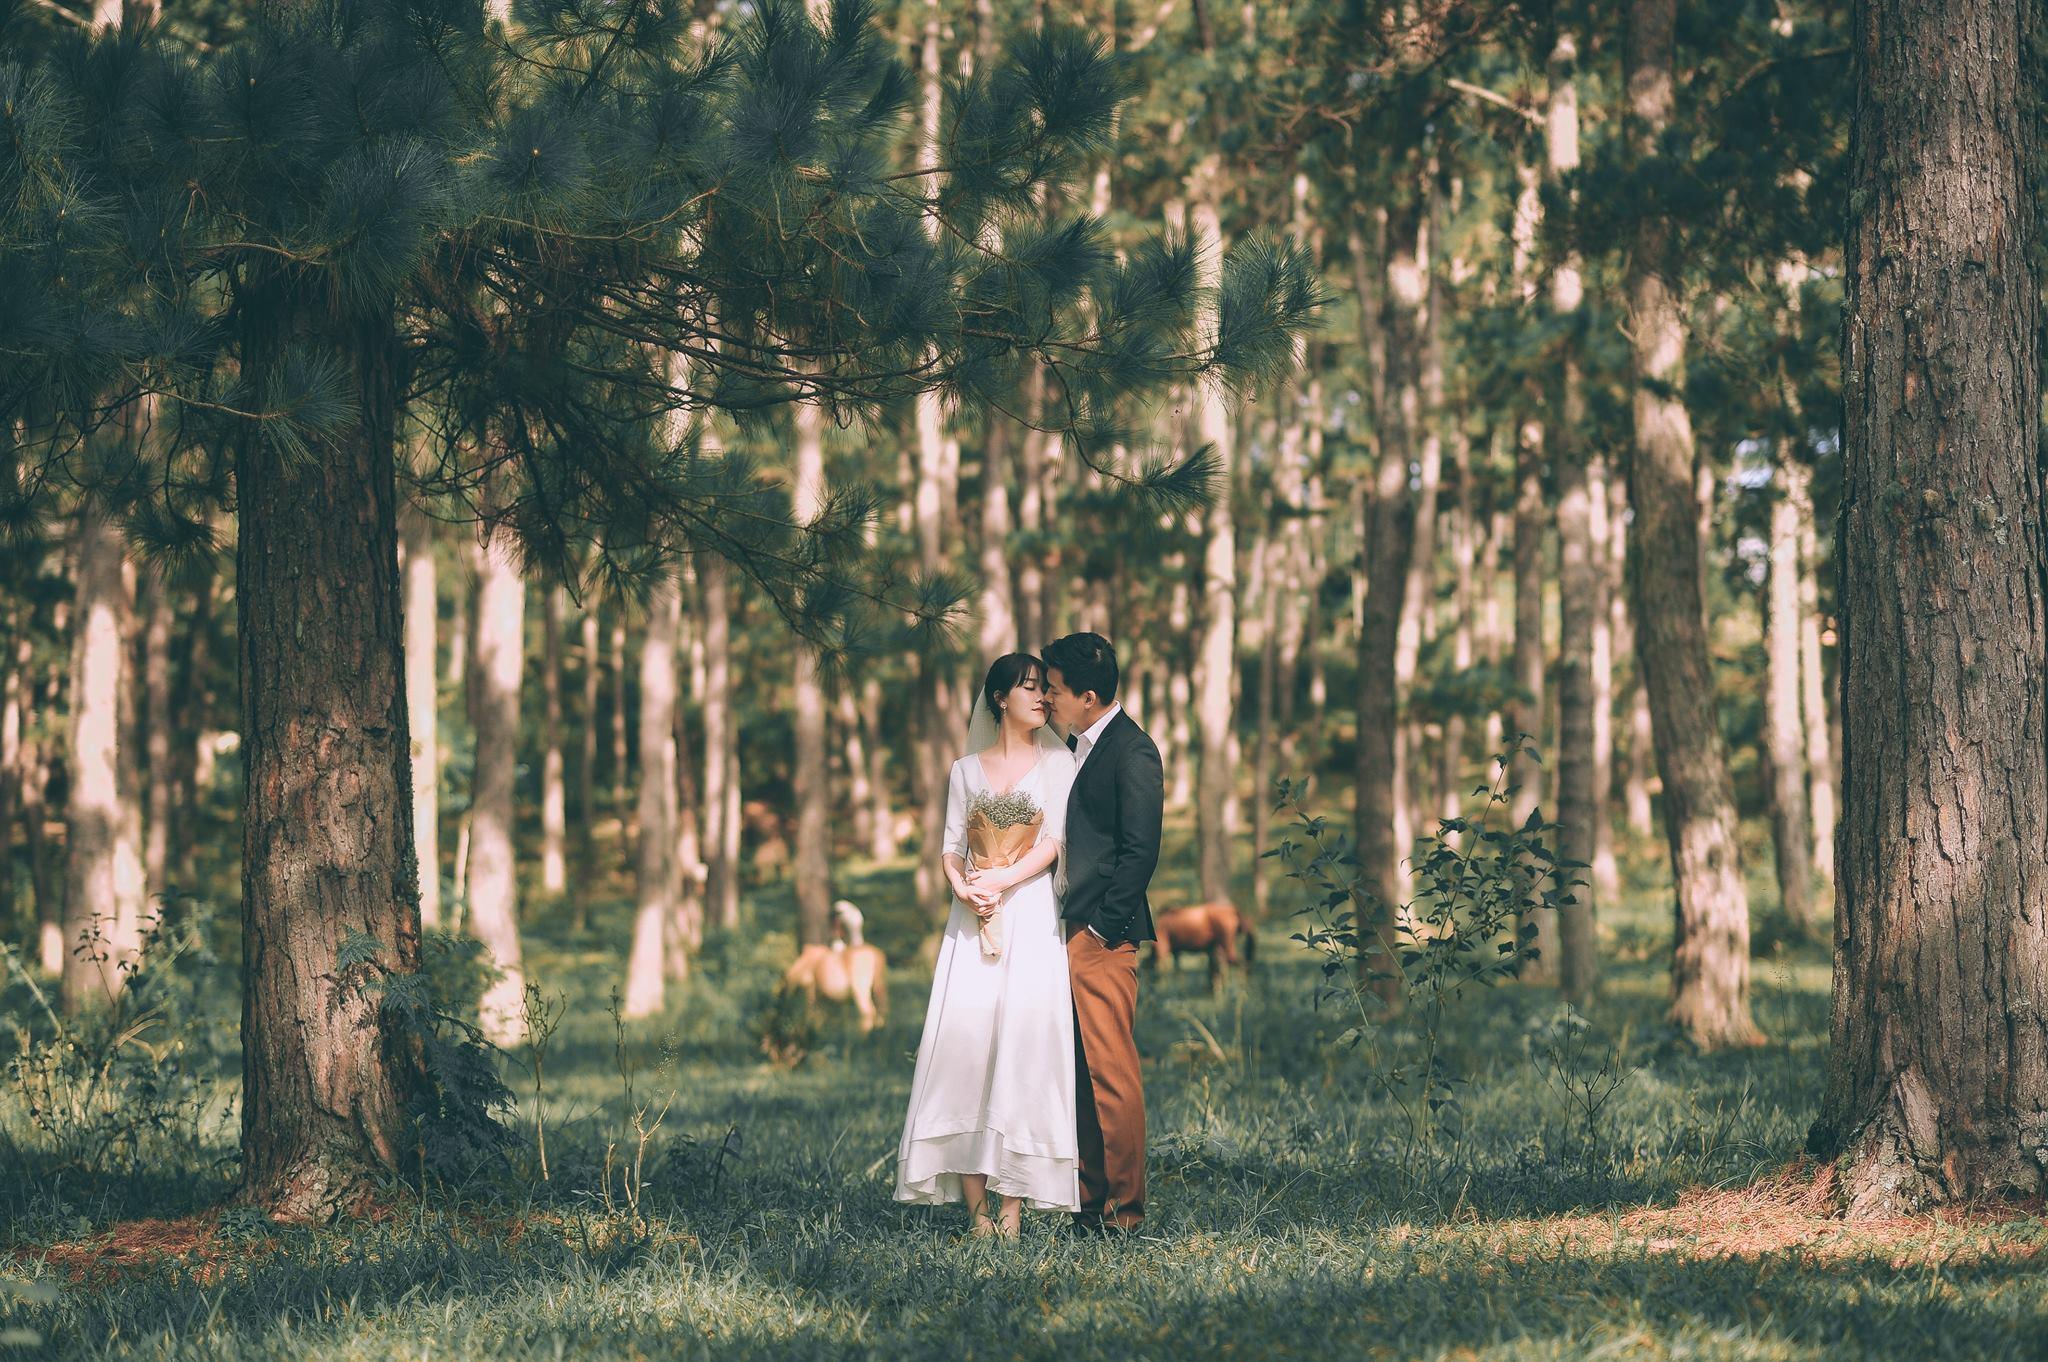 Trọn bộ ảnh cưới giản dị nhưng ngập tràn hạnh phúc của MC Trần Ngọc và 9x xinh đẹp - Ảnh 1.